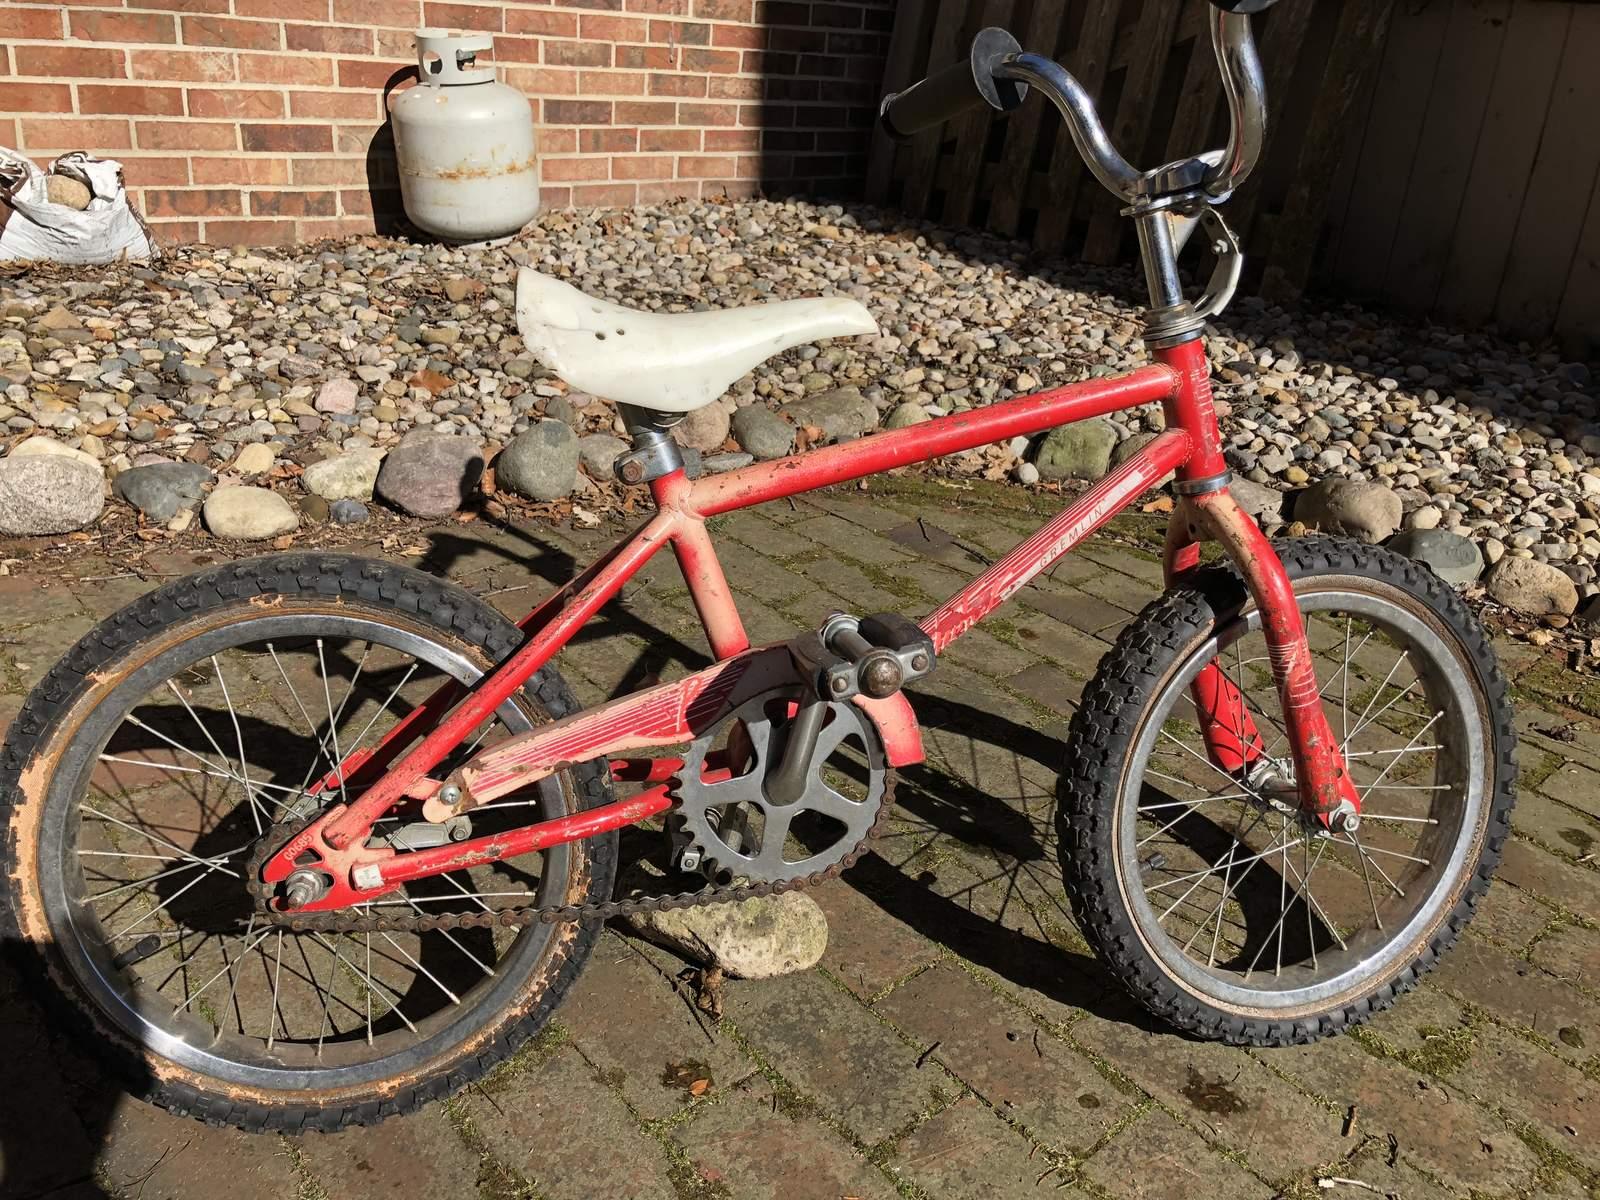 a0883643552 1985 Schwinn Gremlin Pit Bike - Survivor complete - price lowered ...